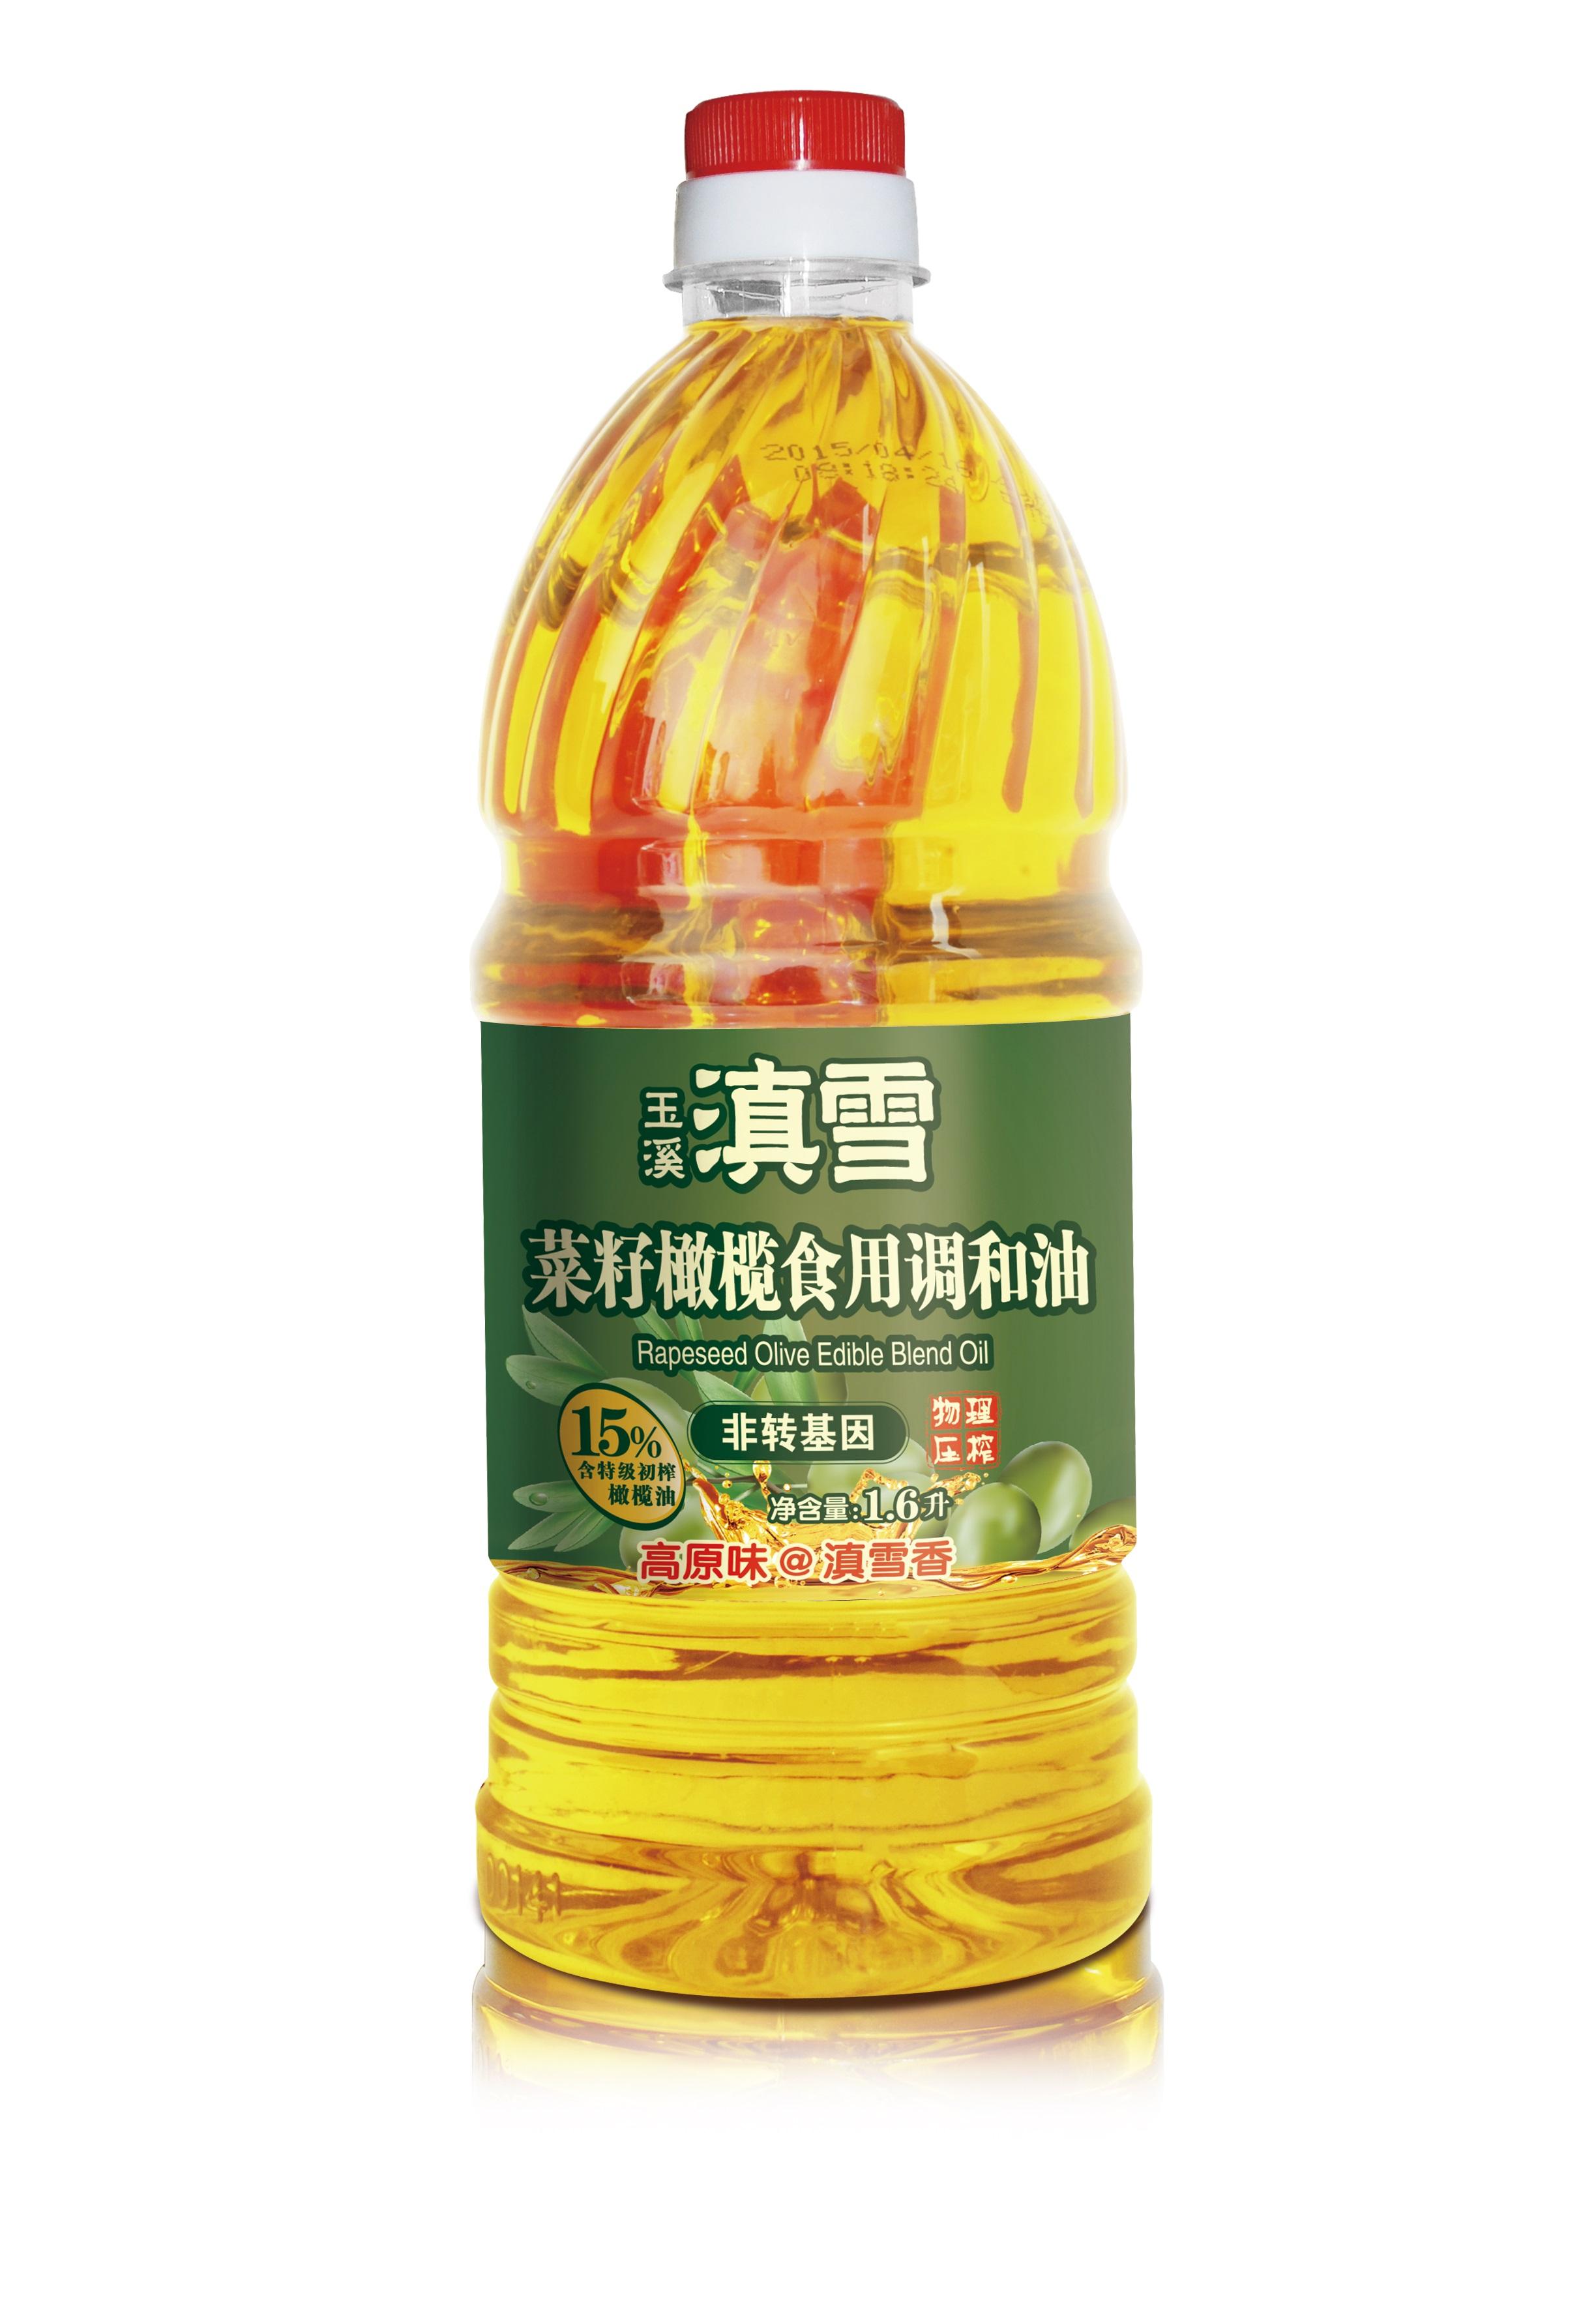 滇雪菜籽橄榄食用调和油-160ml.jpg